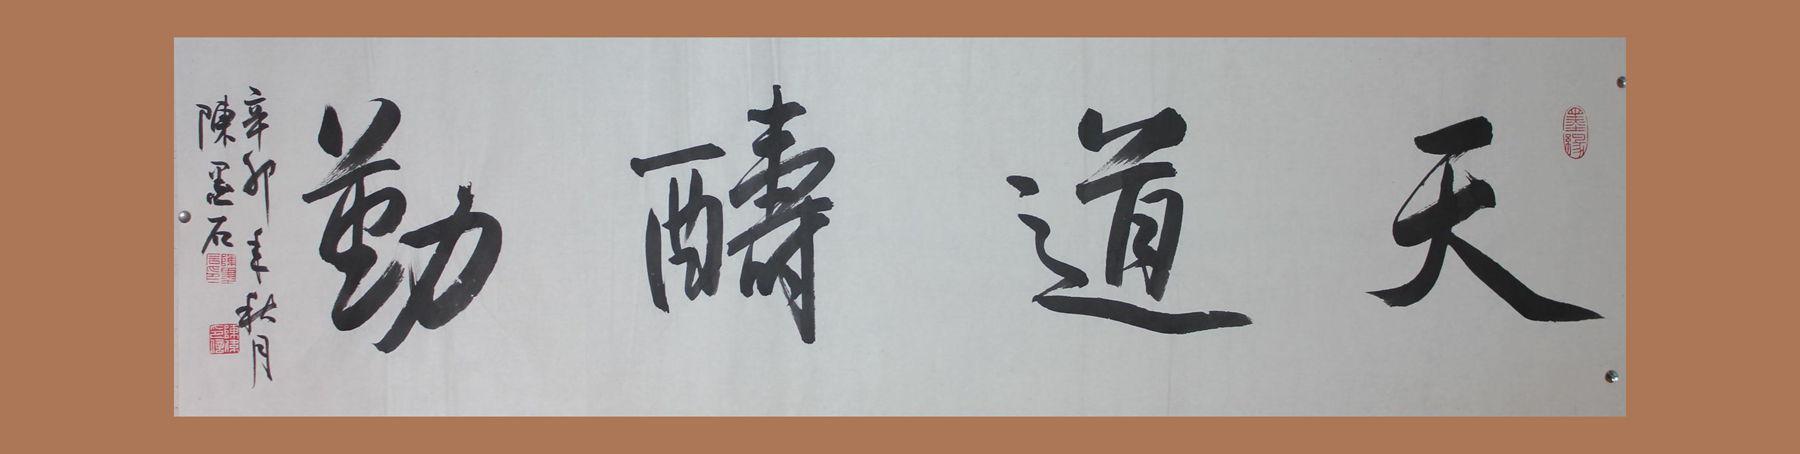 客厅原稿办公室横幅手写真迹行书书法作品中国书法名家字画